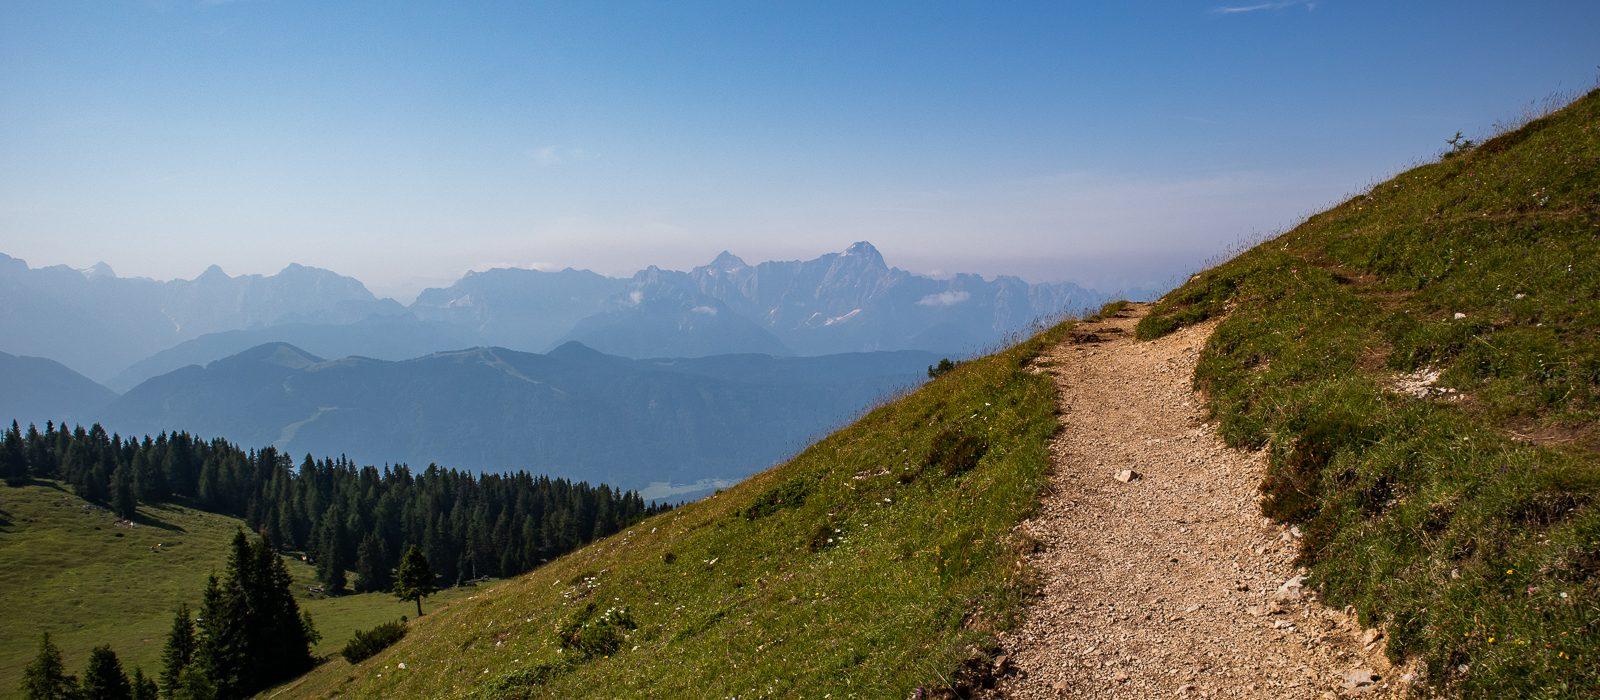 Ausblick auf die Julischen Alpen vom Dobratsch. Wir sehen einen Wanderweg, der ins Bild hinein verläuft, dann aber ins Unsichtbare Verschwindet. Im Hintergrund sieht man das Bergmassiv der Julischen Alpen.